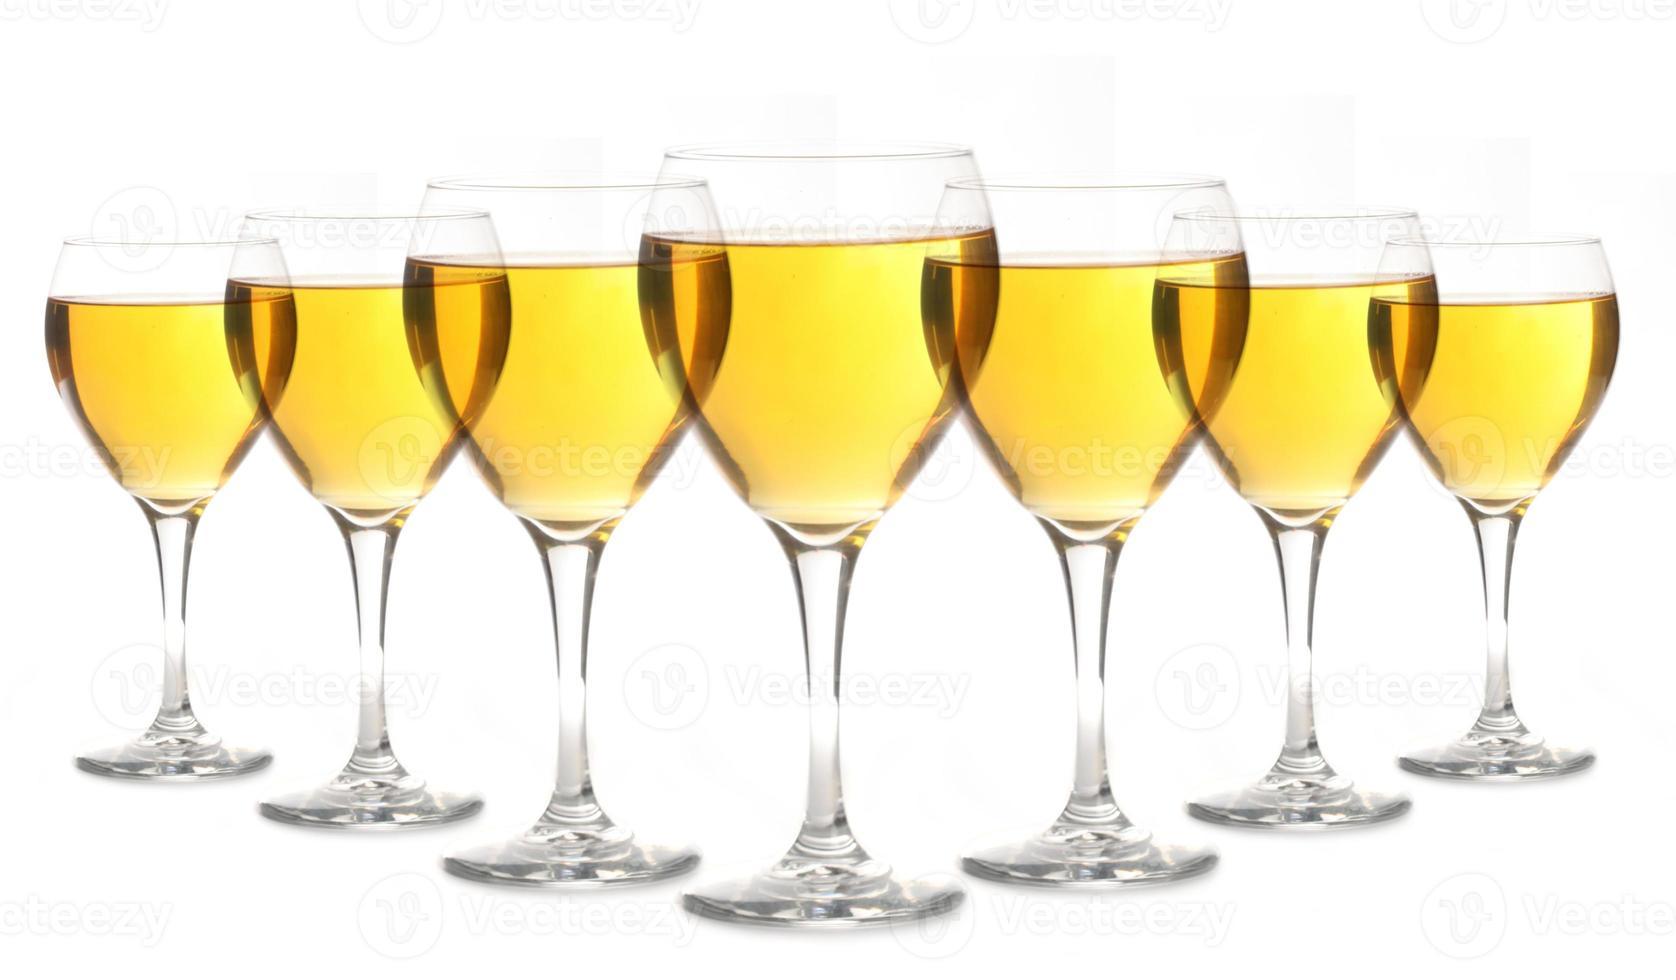 glas guldalkohol foto